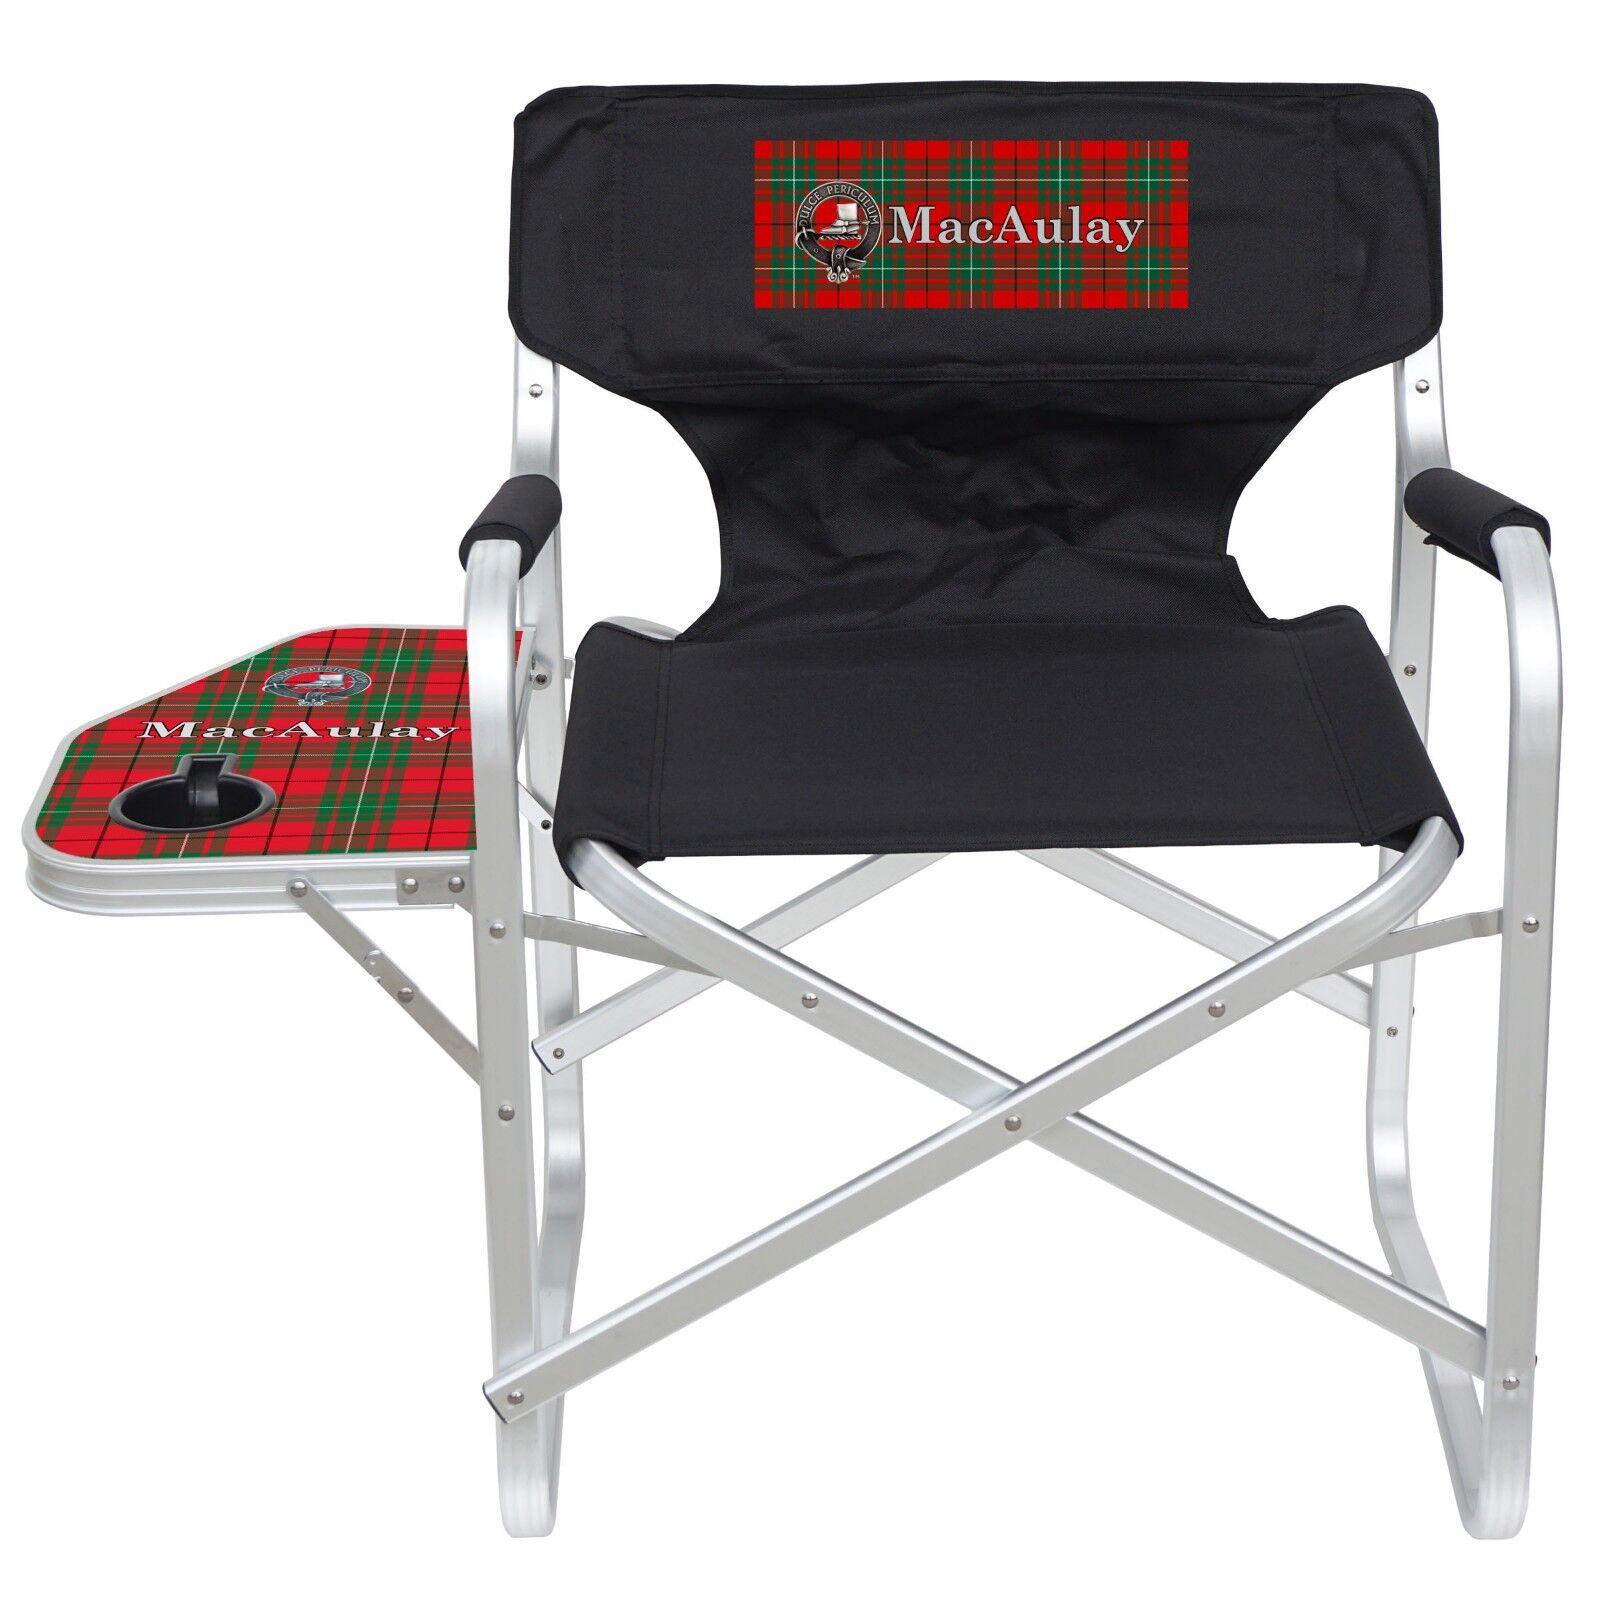 Clan MacAulay Imprinted Heavy Duty Aluminum Frame Dining Height Folding Chair